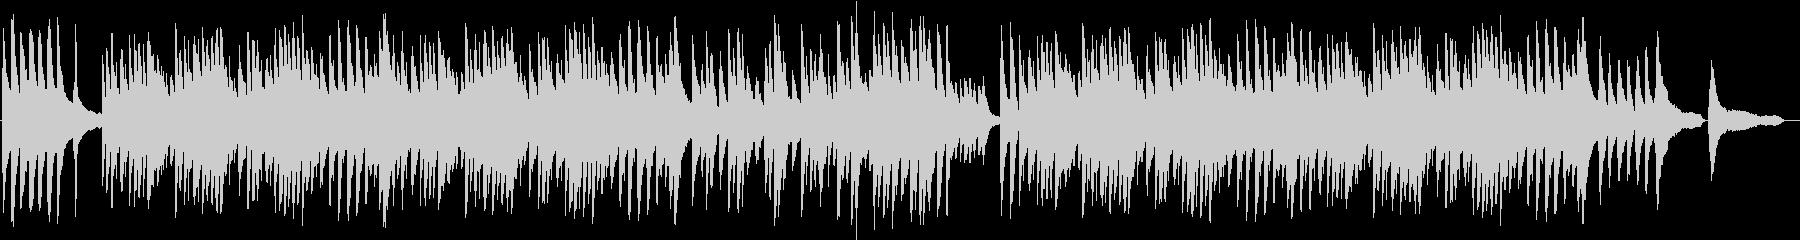 美しい和風ピアノバラードBGMの未再生の波形